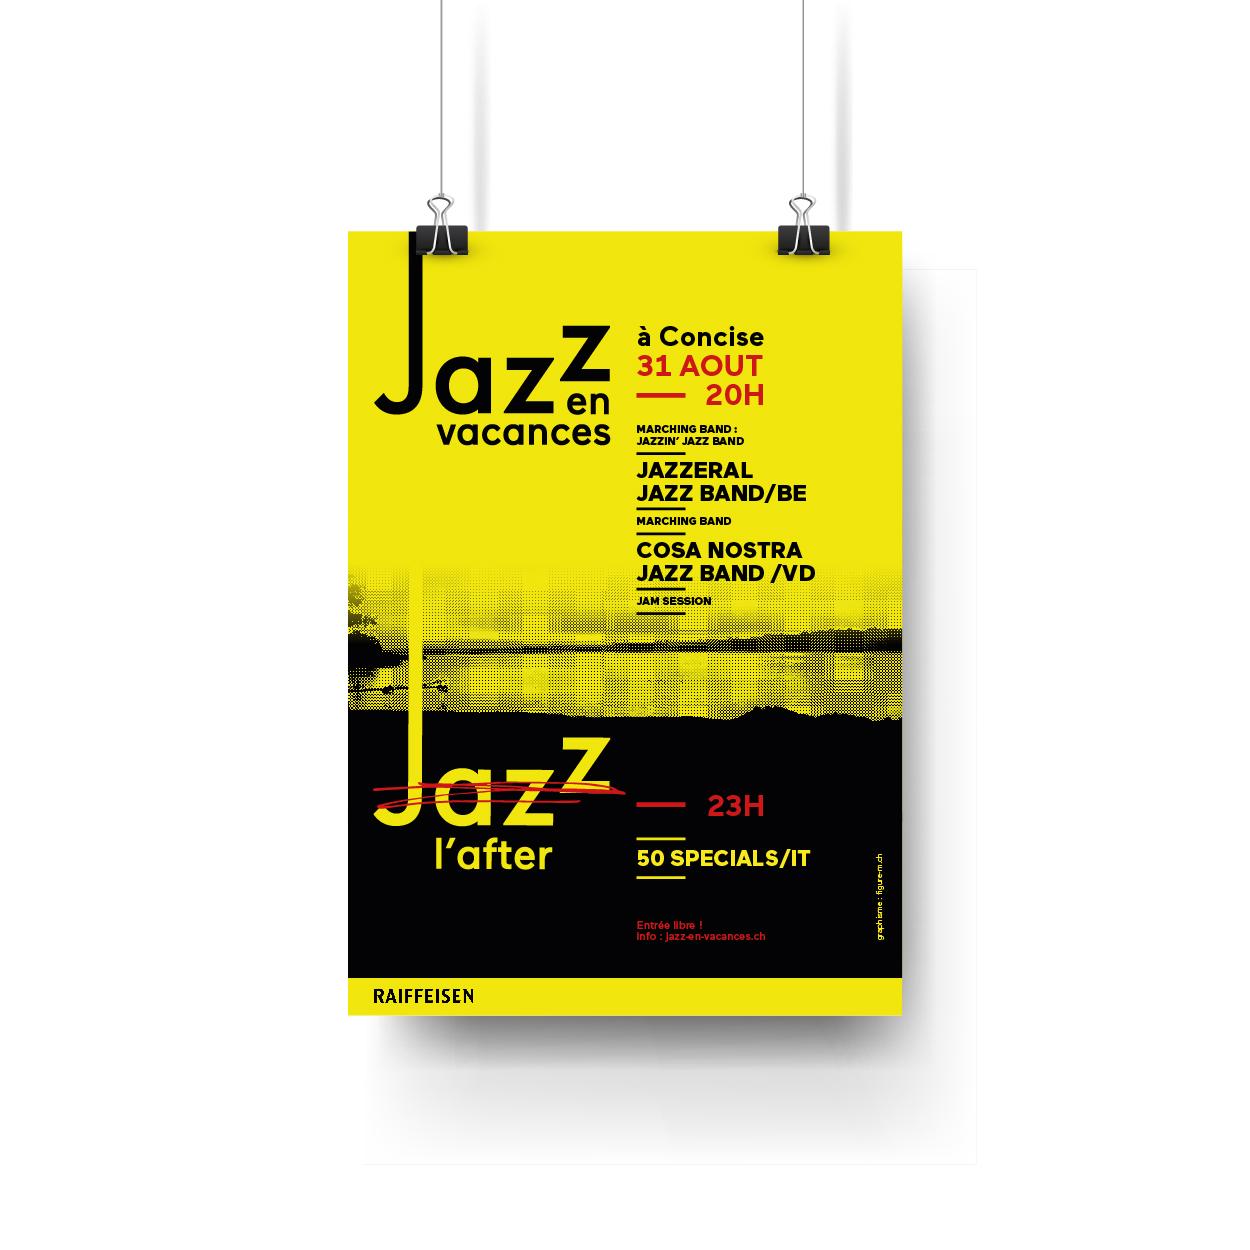 Jazz_concise copie